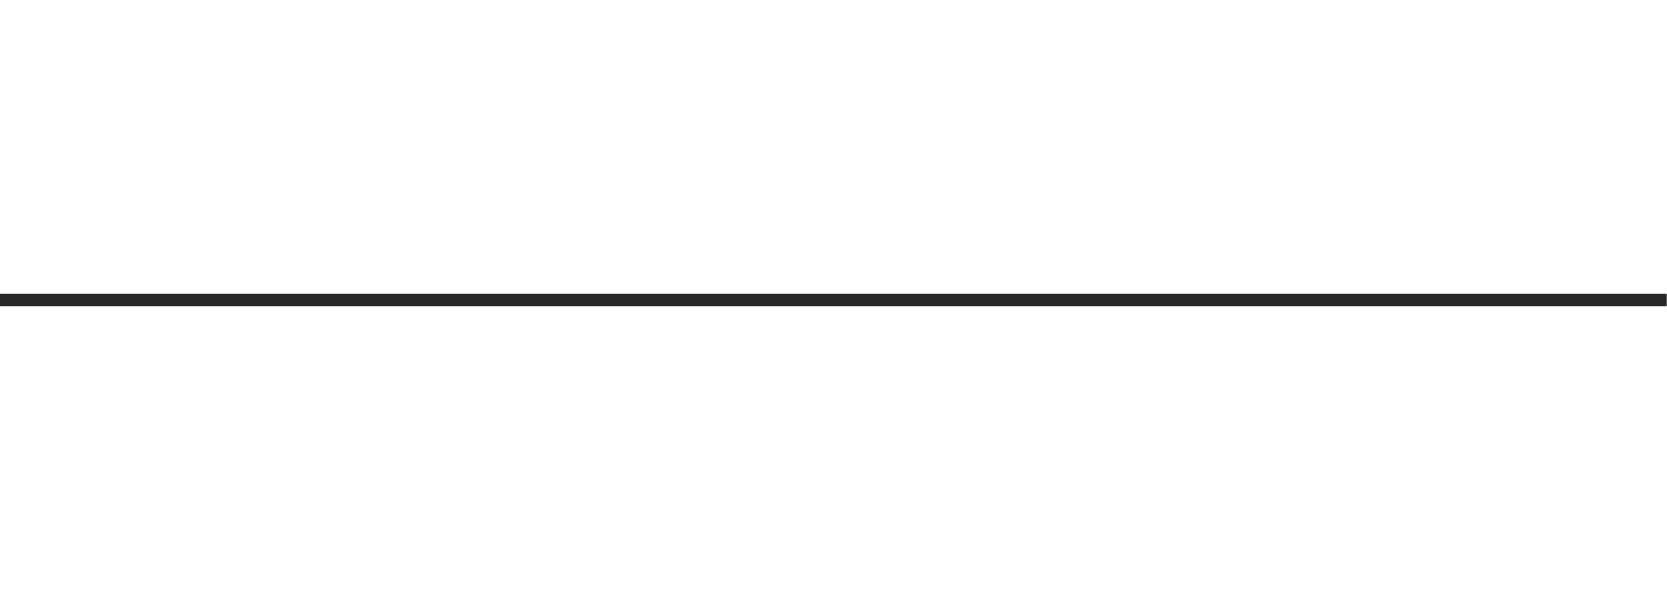 Linie down